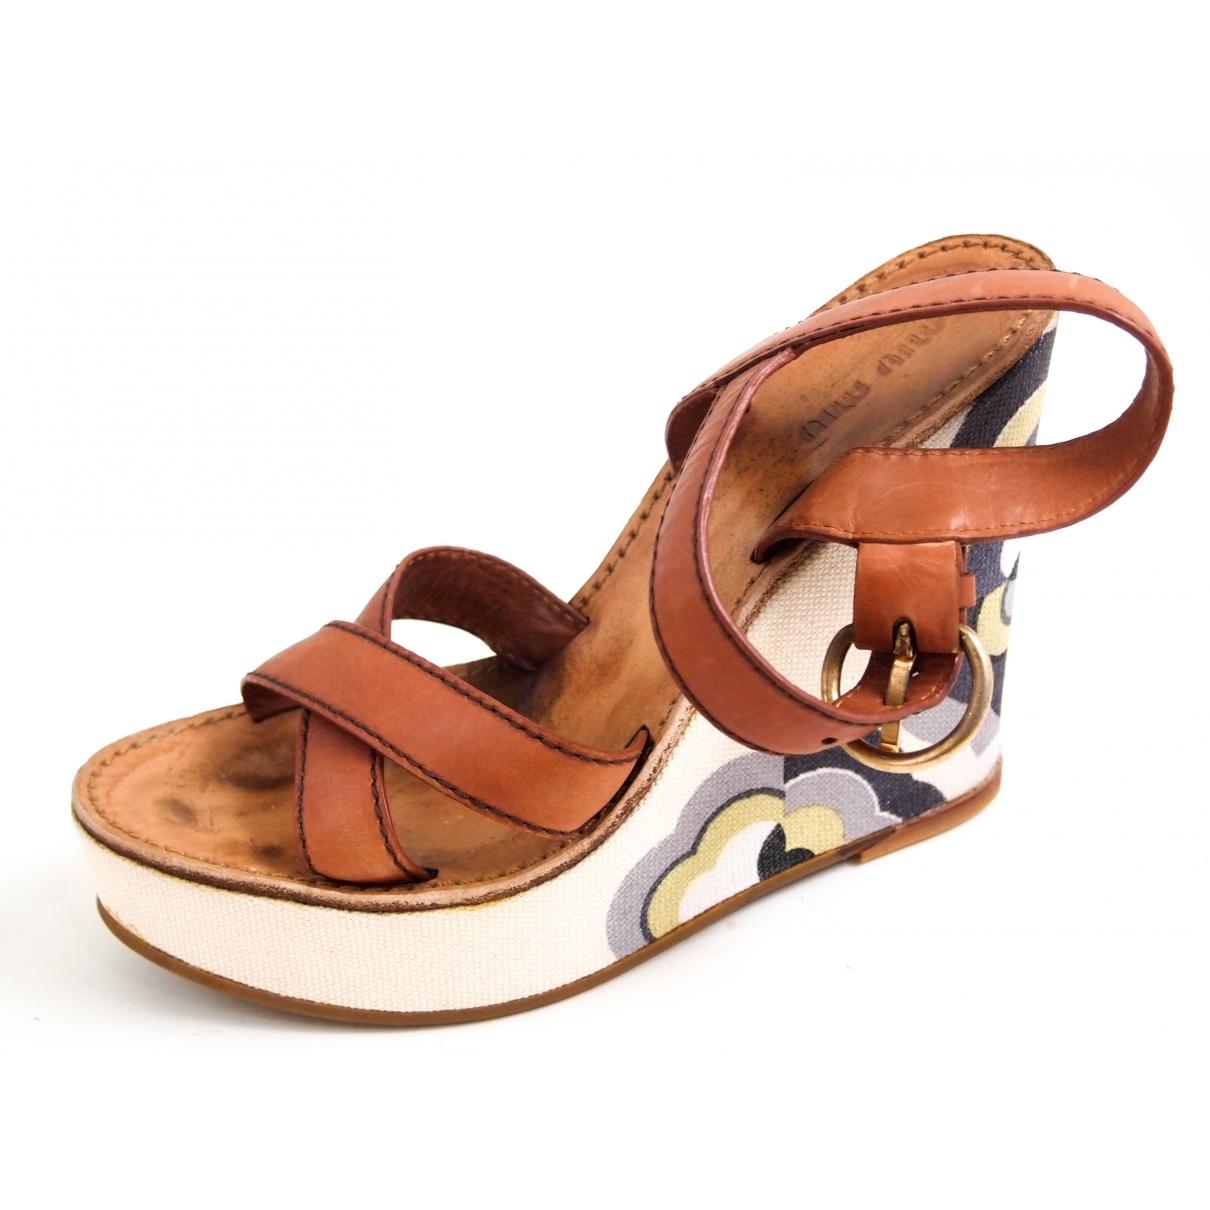 Miu Miu \N Brown Leather Sandals for Women 37.5 EU